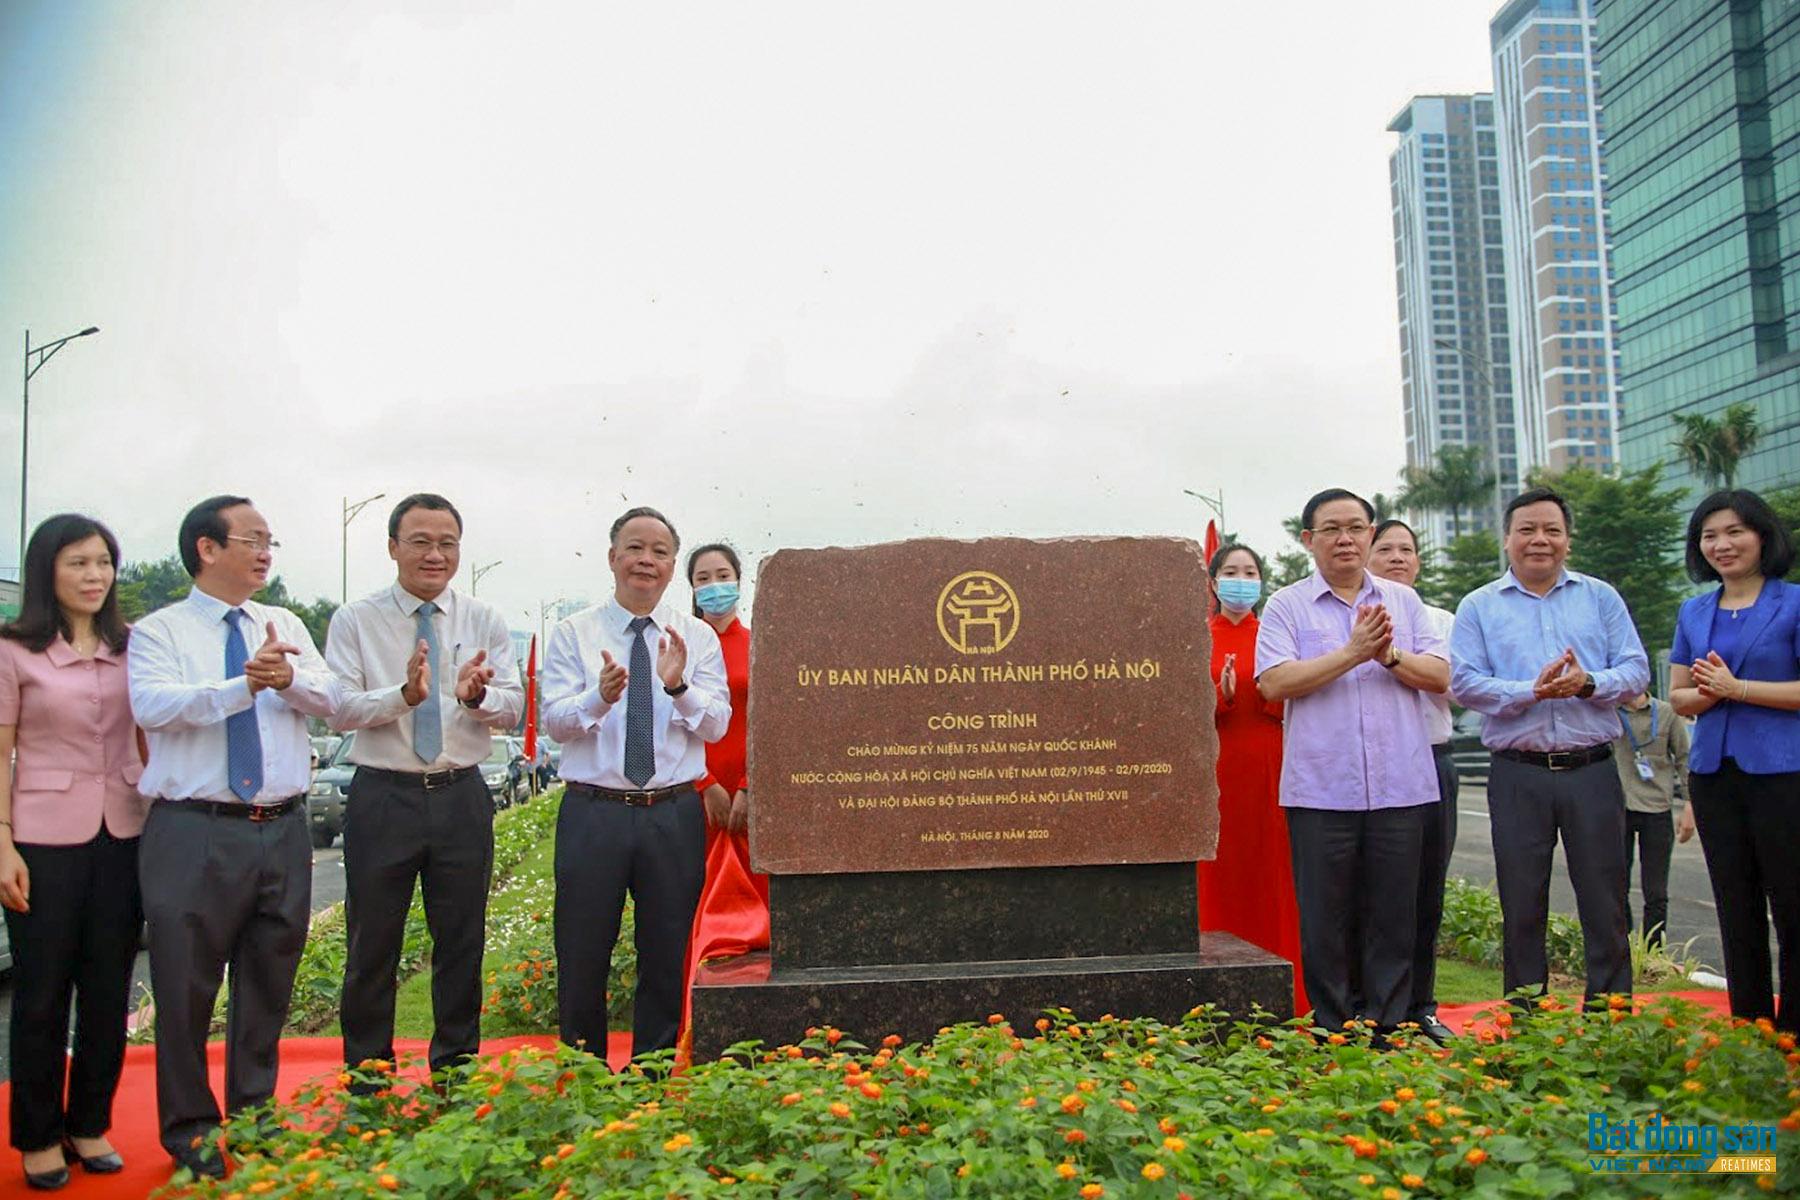 Reatimes_4.png, thông cầu vượt Nguyễn Văn Huyên.